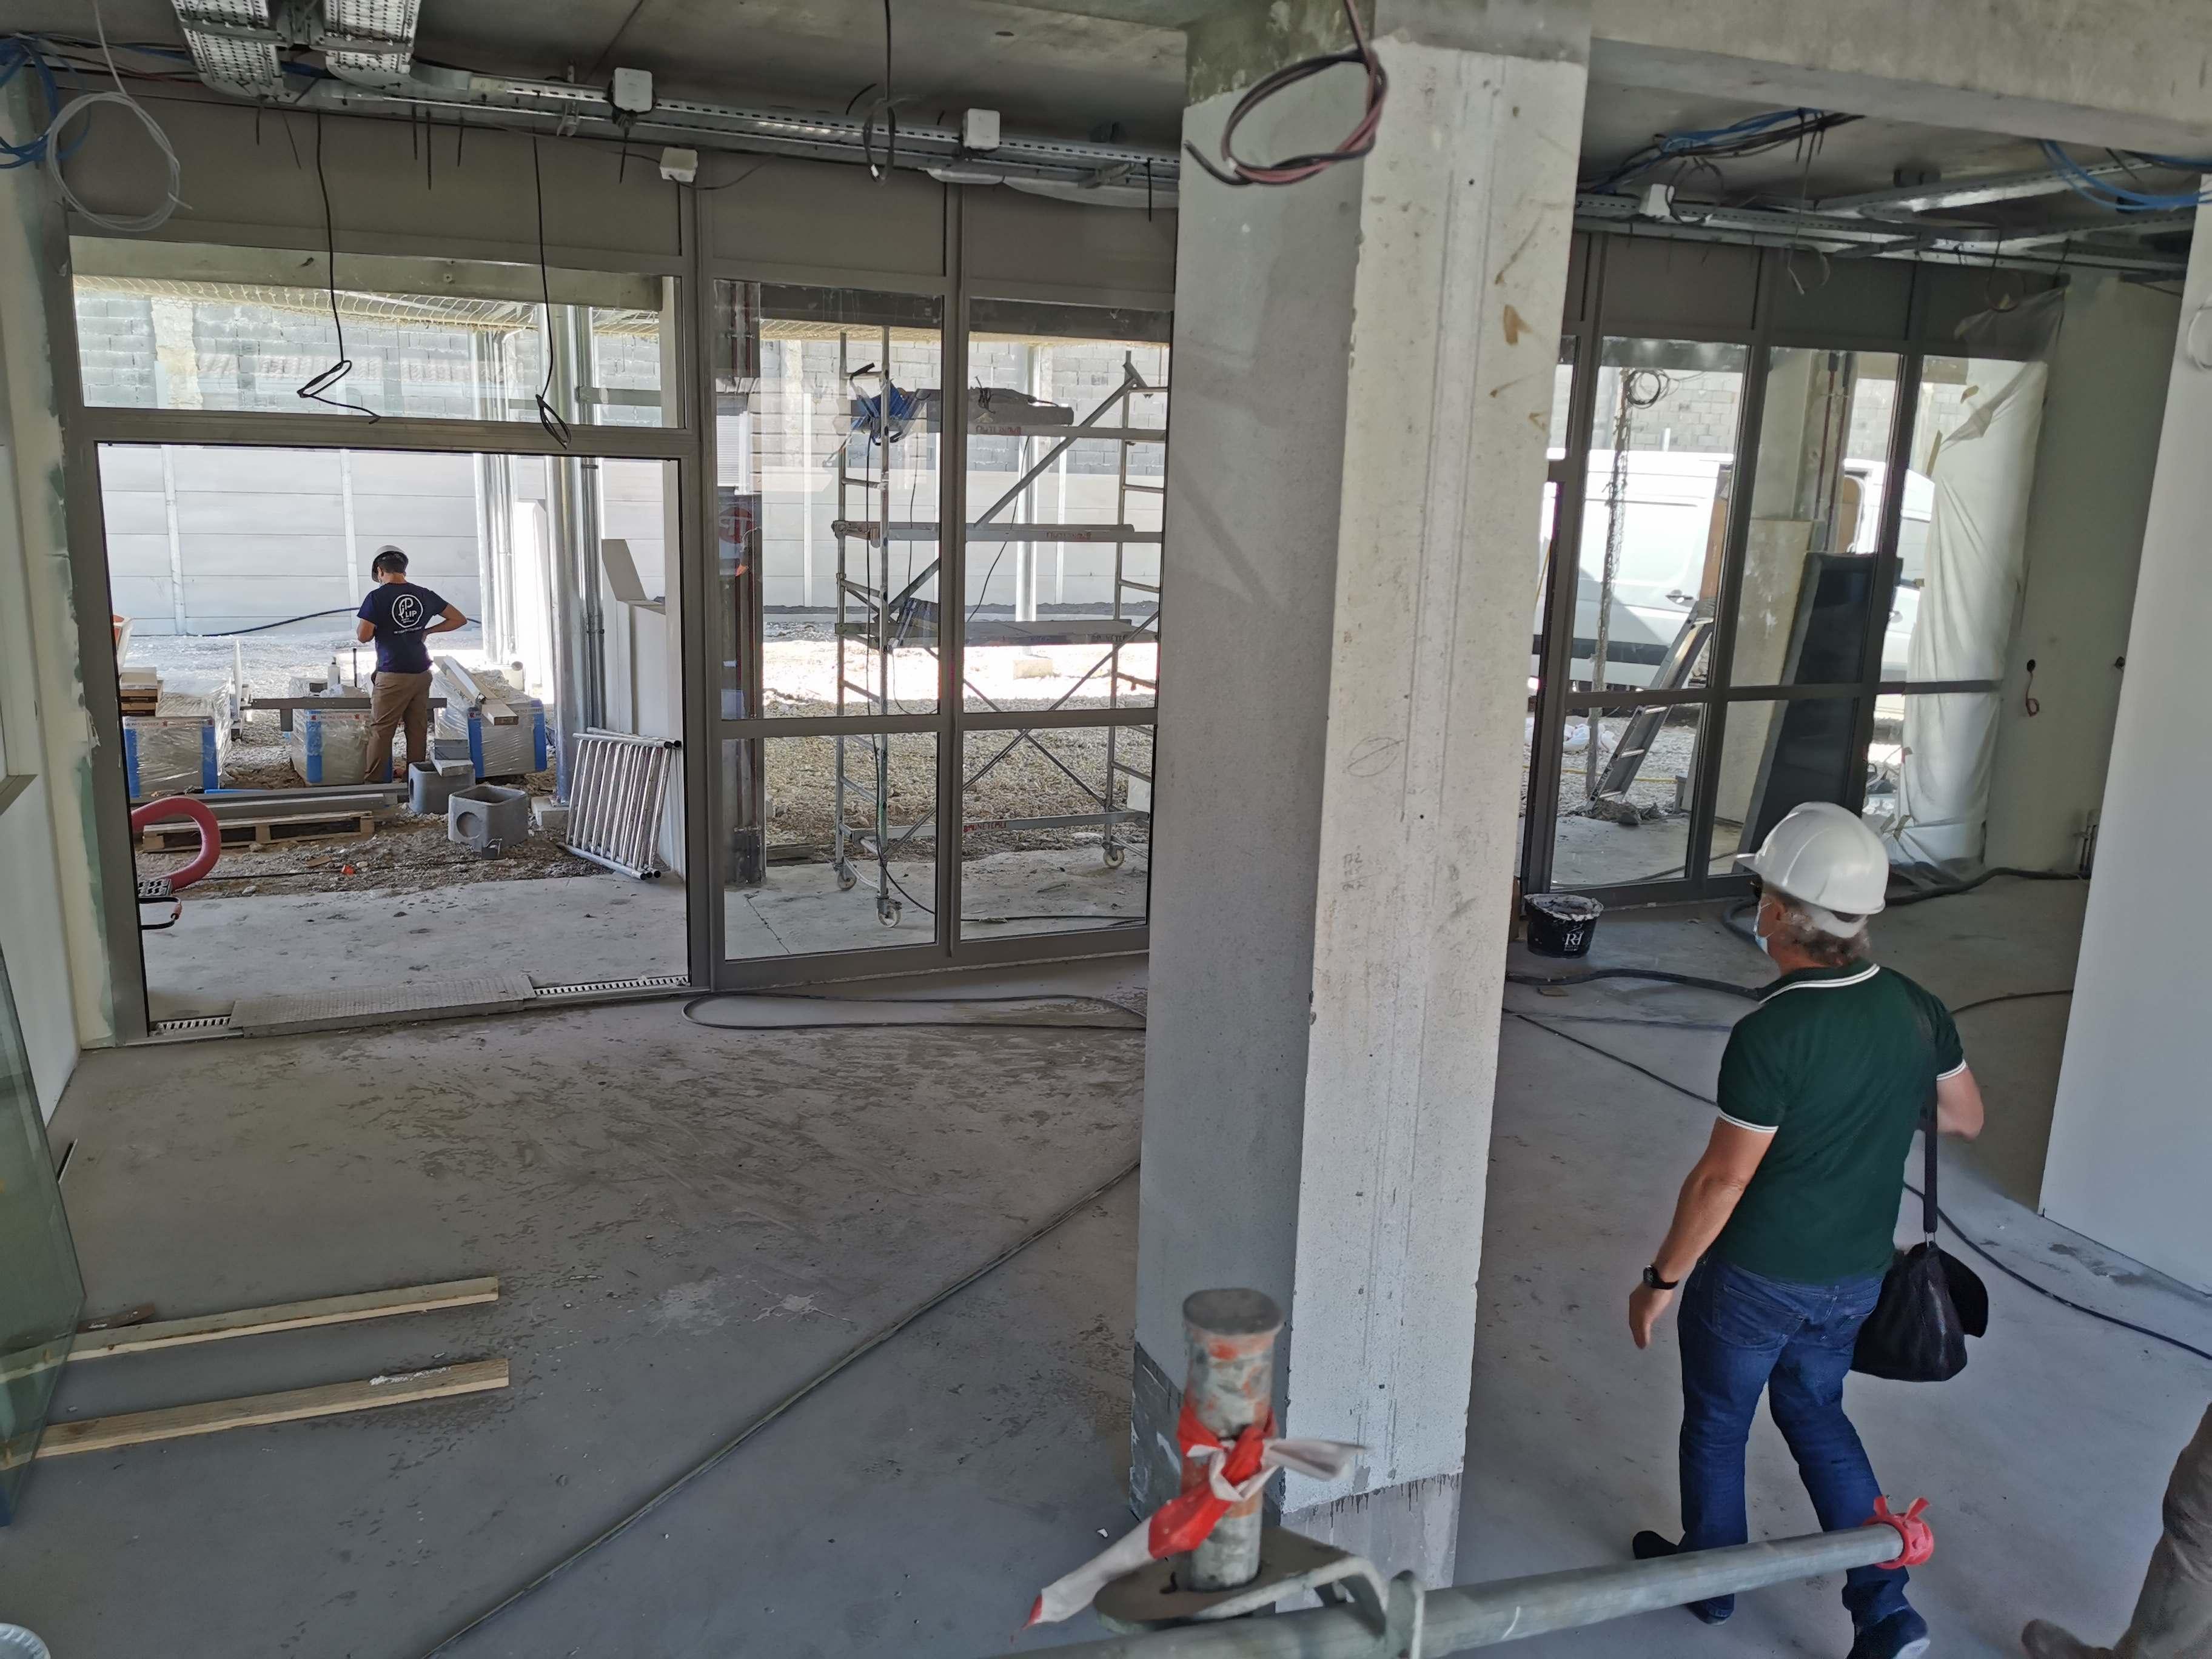 Acoba Assistance maîtrise d'ouvrage : Requalification d'un immeuble de bureaux du centre-ville de Bordeaux en Groupe Scolaire de 10 classes - 4